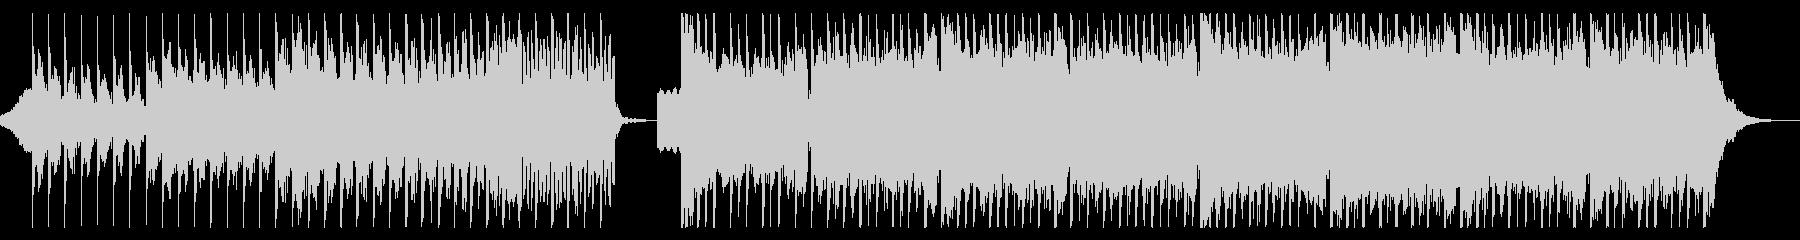 ダークな雰囲気のEDM2の未再生の波形